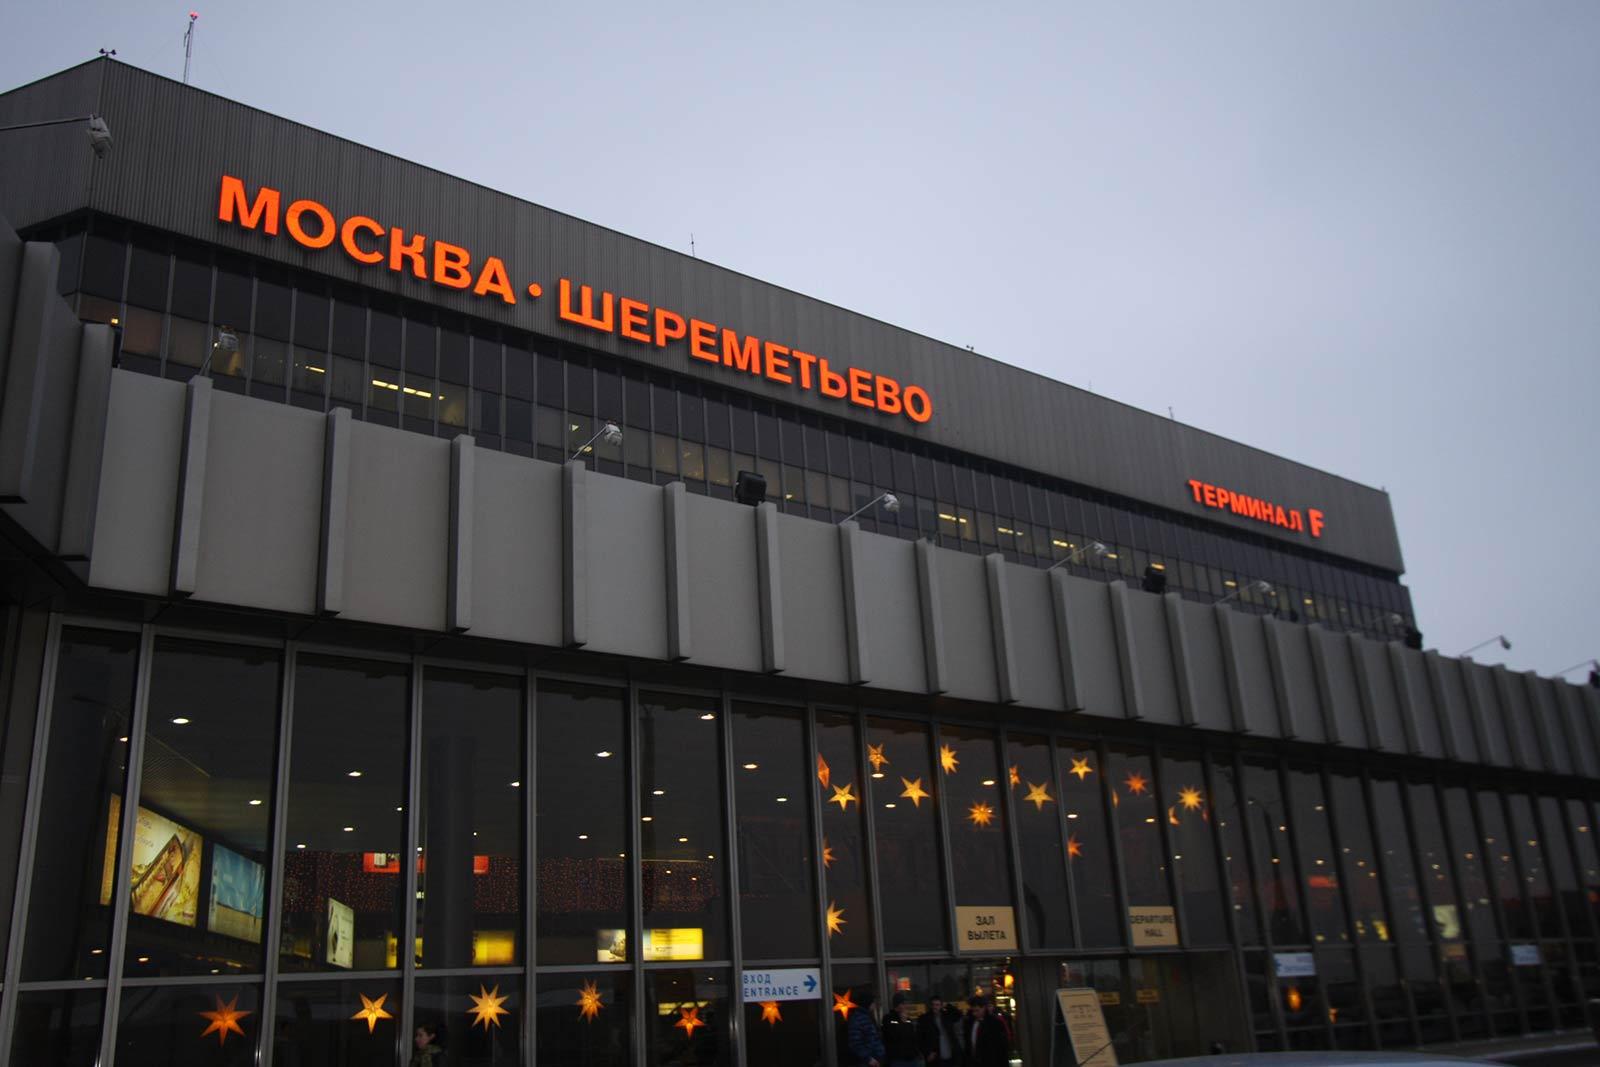 Аэропорт-Москва-Шереметьево3